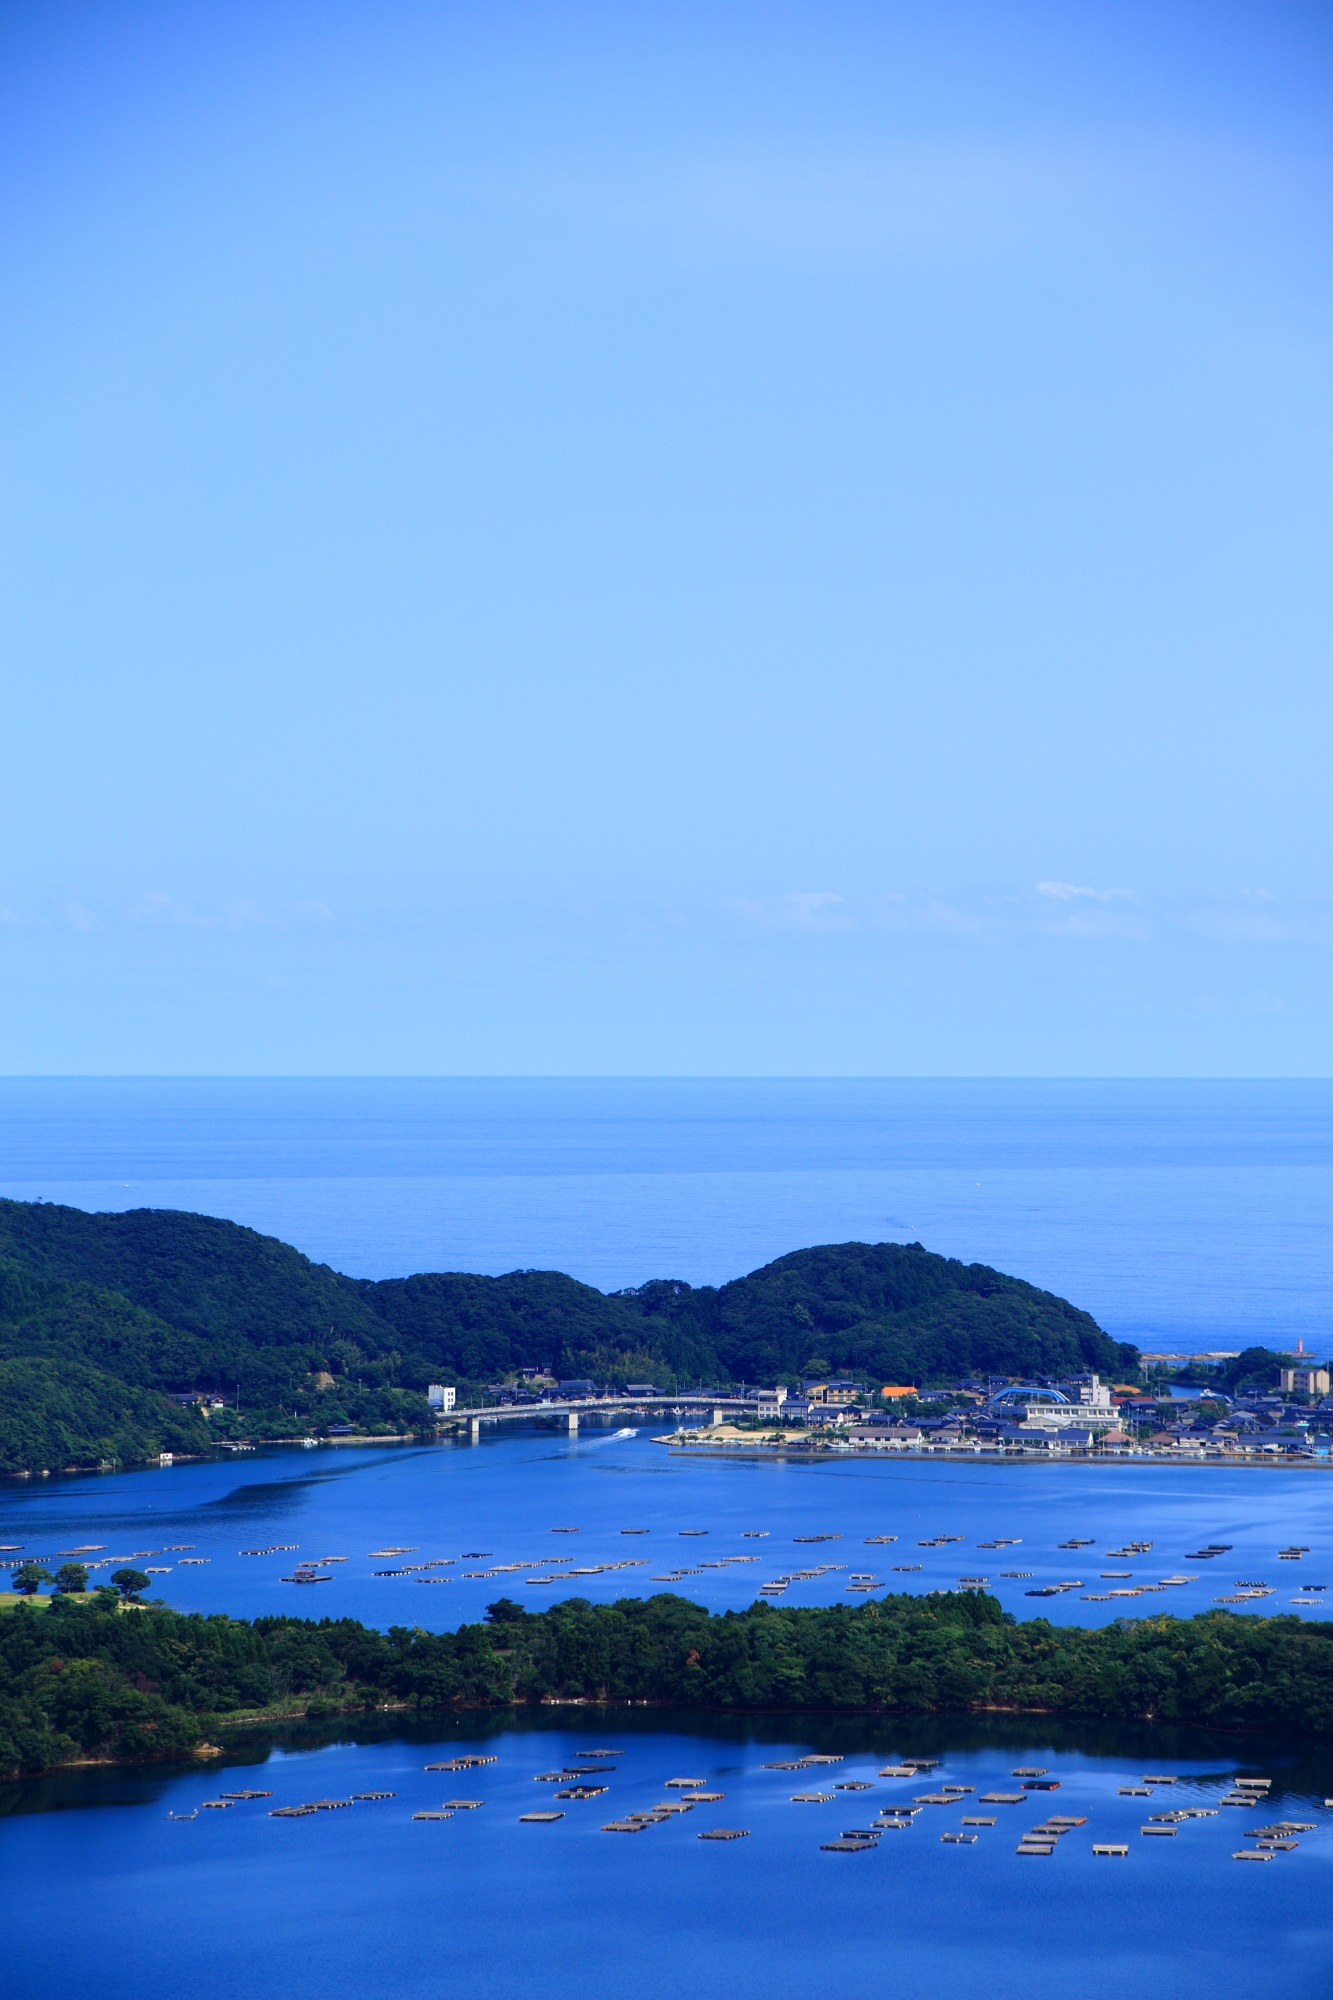 どこまでも広がっていきそうな久美浜湾と日本海と空